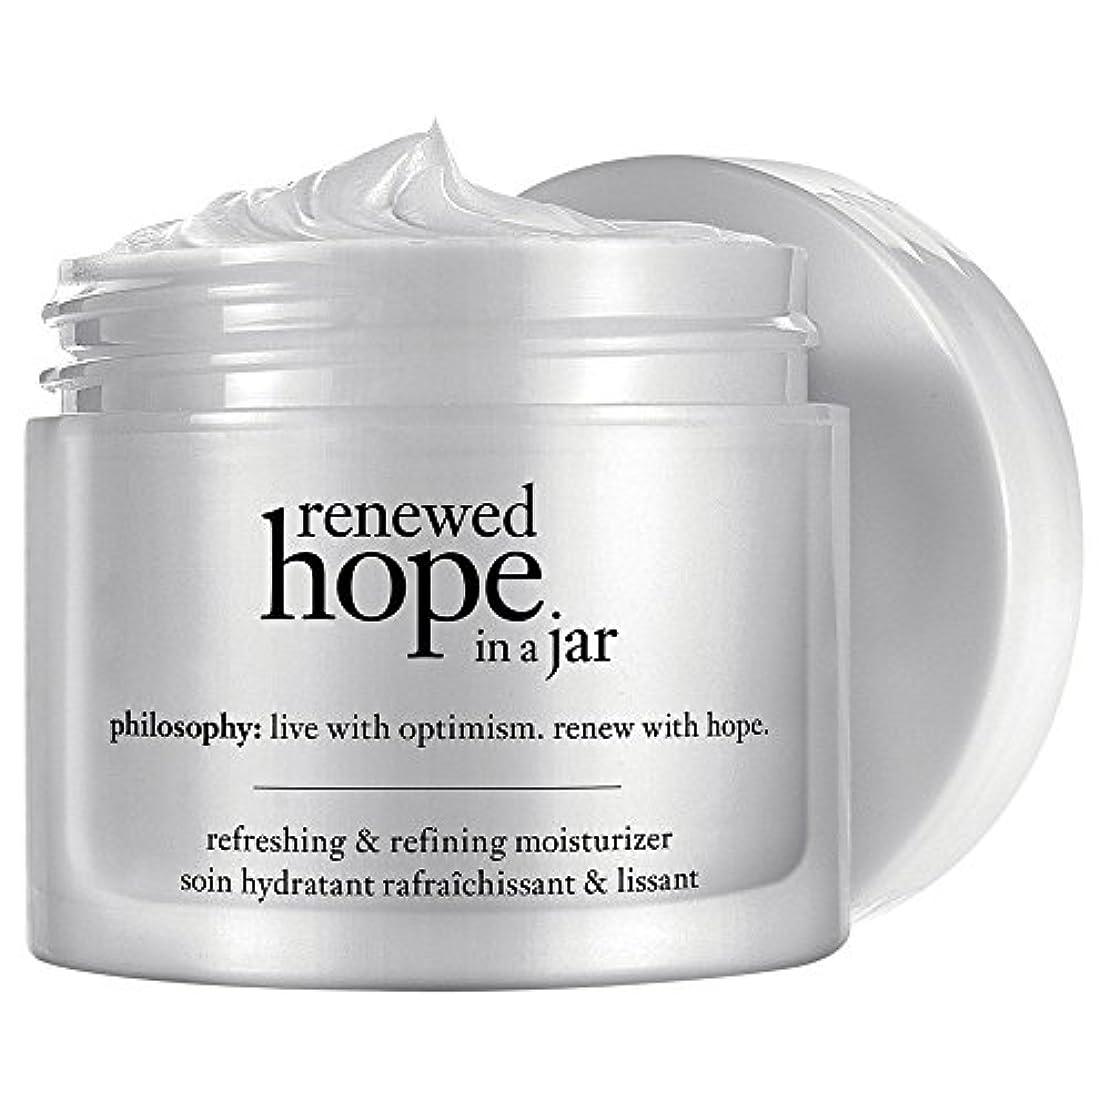 治世スタッフ事務所瓶内の哲学新たな希望を、60ミリリットル (Philosophy) - Philosophy Renewed Hope In a Jar, 60ml [並行輸入品]